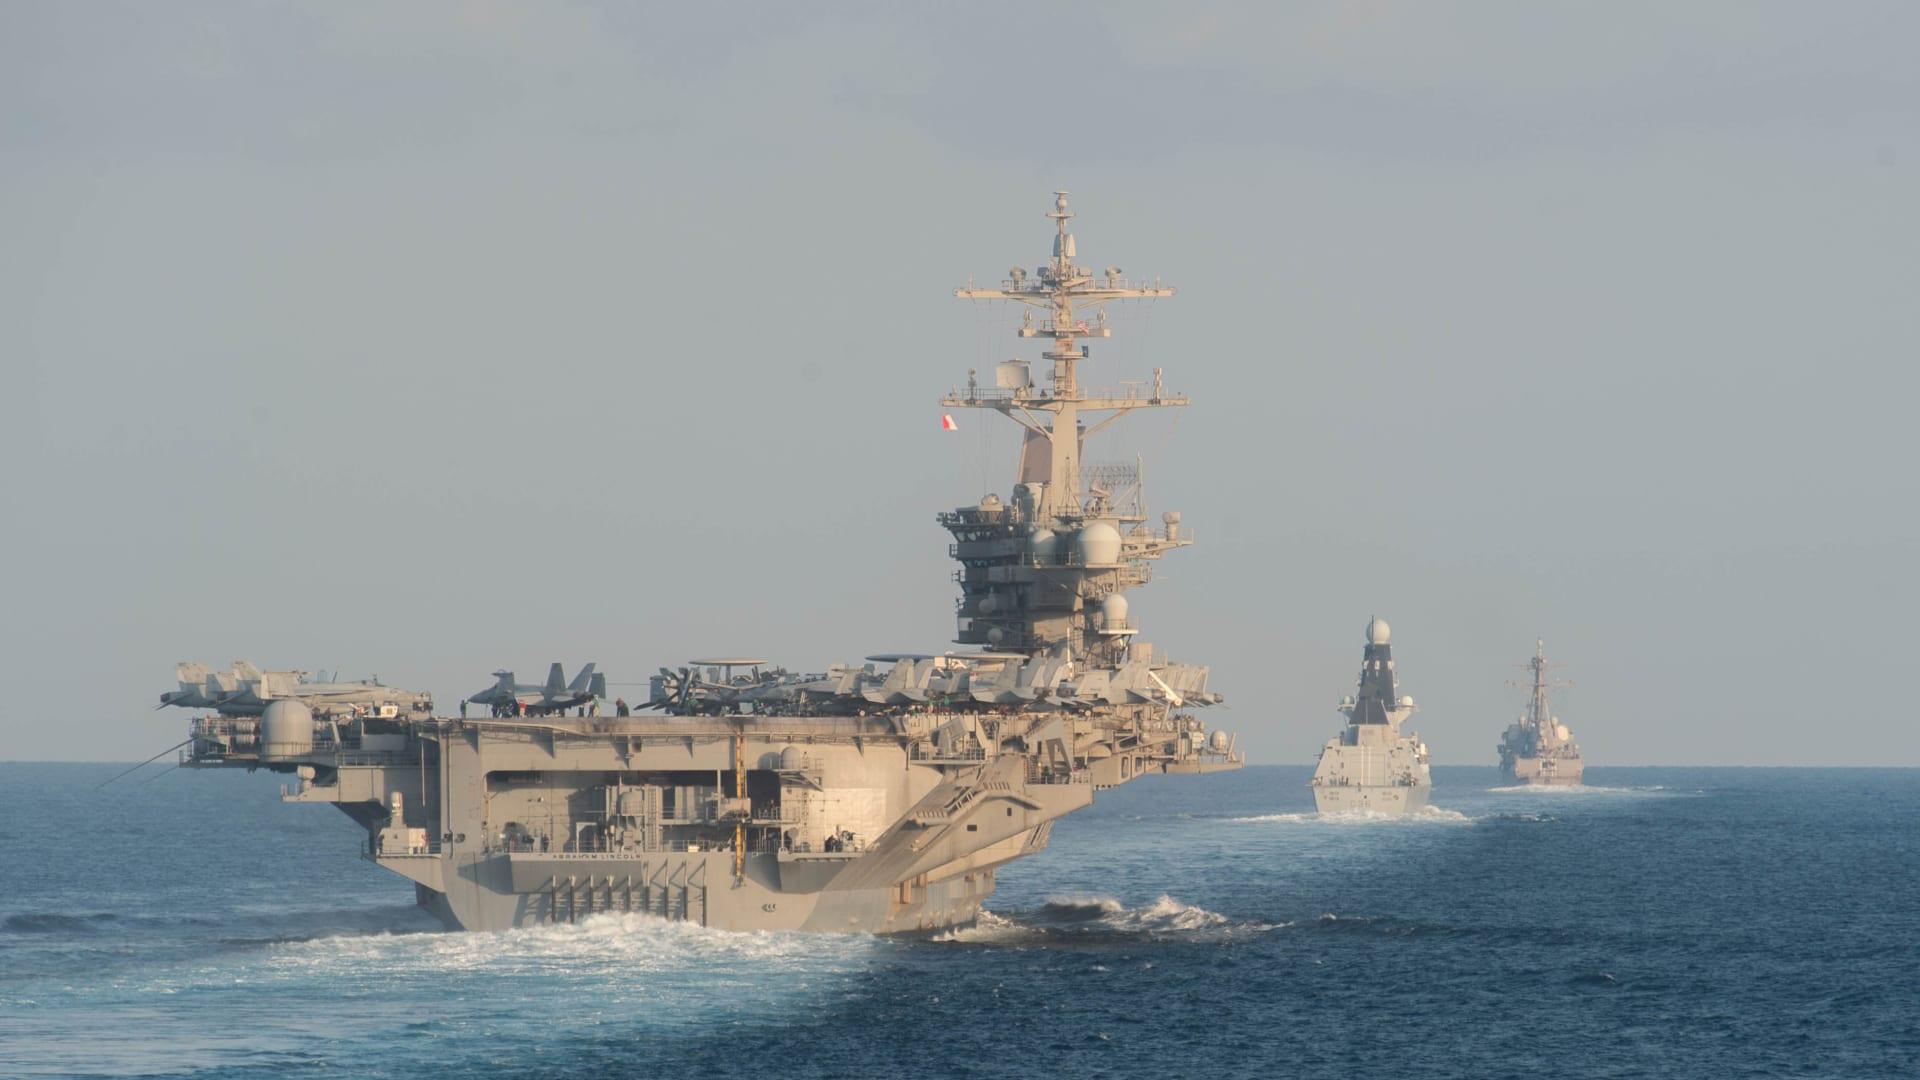 أمريكا تدرس إرسال سفن حربية إلى البحر المتوسط وسط حشد روسيا المتزايد على حدود أوكرانيا